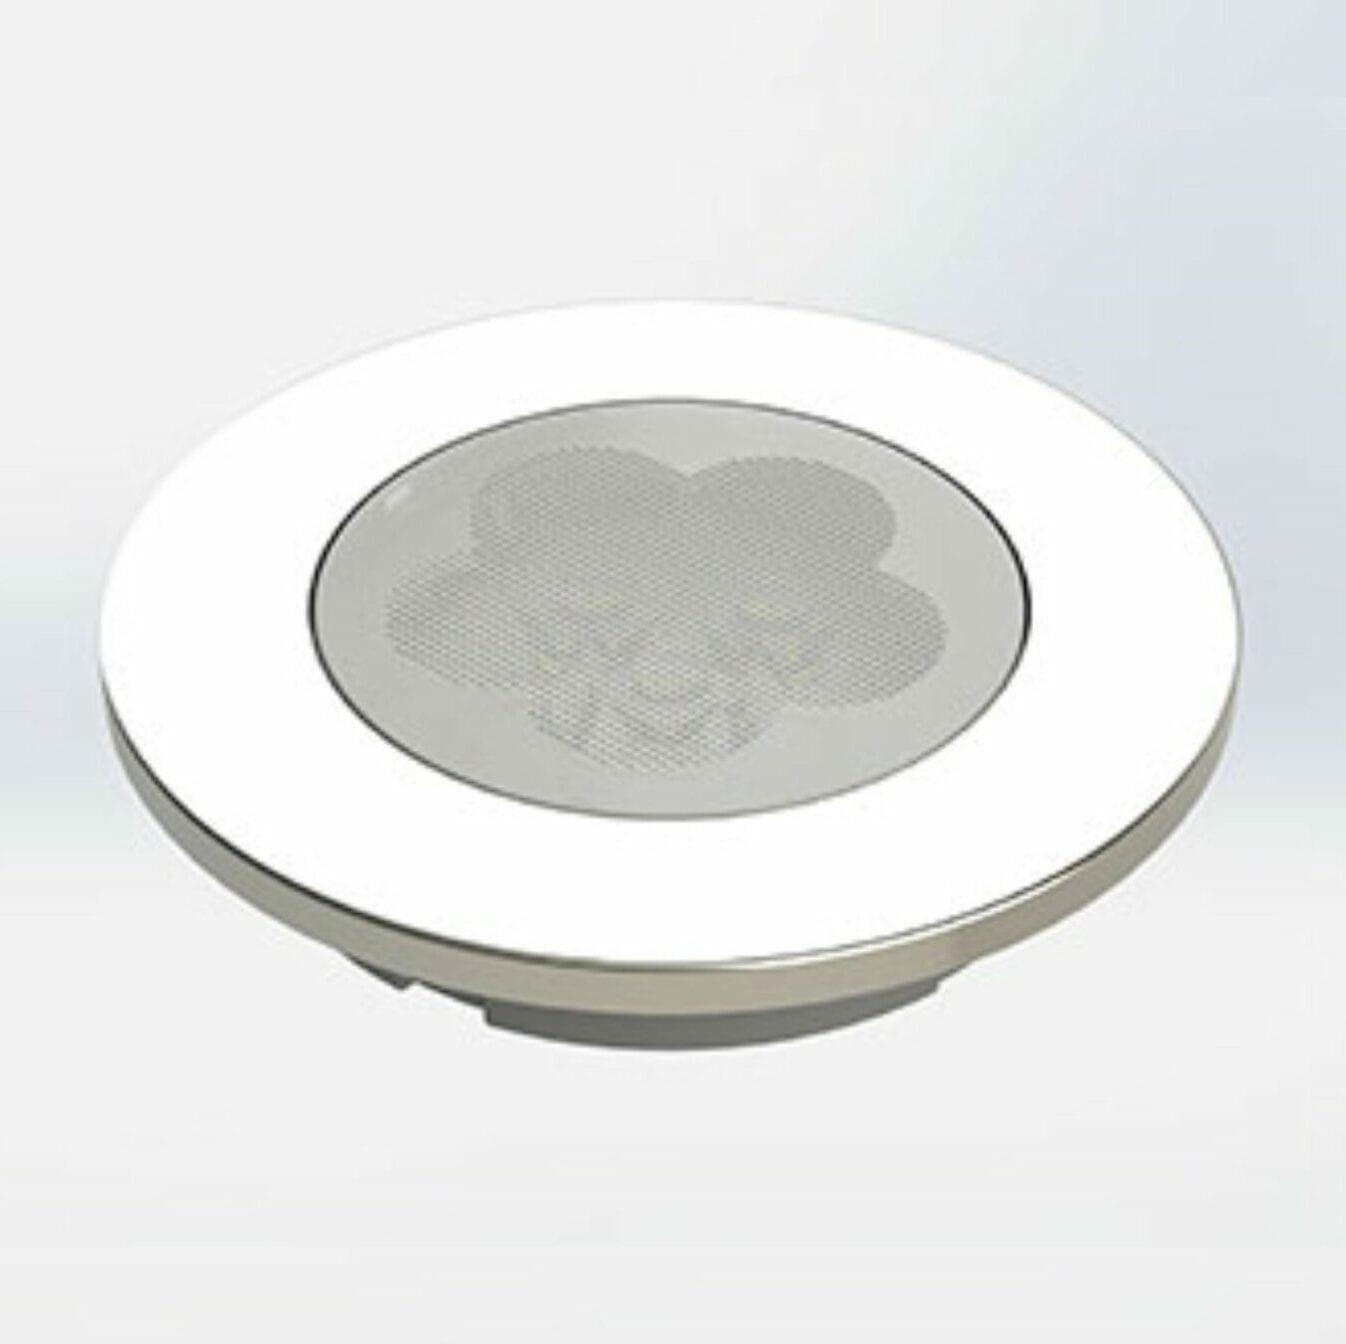 ID-LED 12V møbelspot for 55mm utfresing eller påbygg